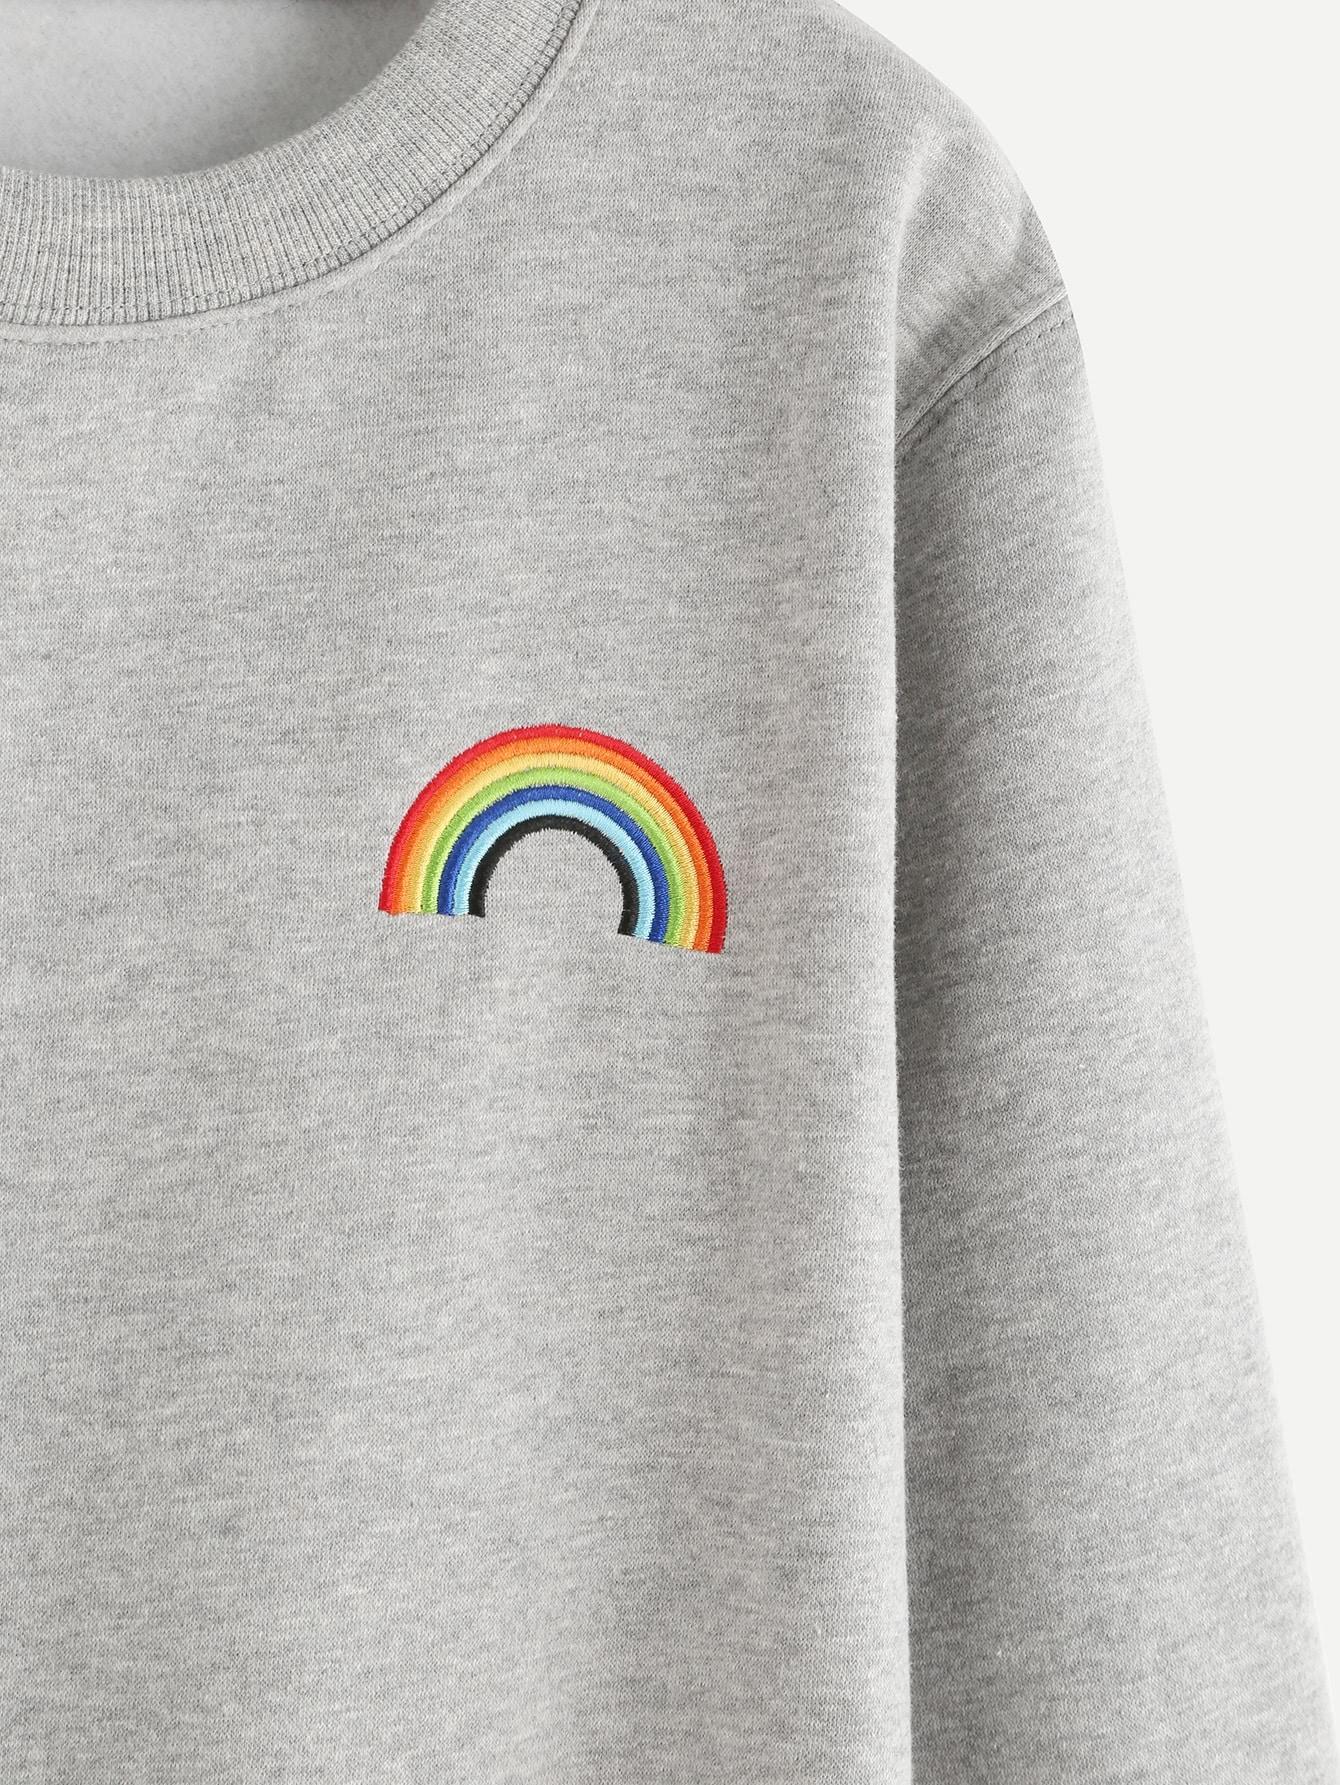 sweatshirt160818303_2